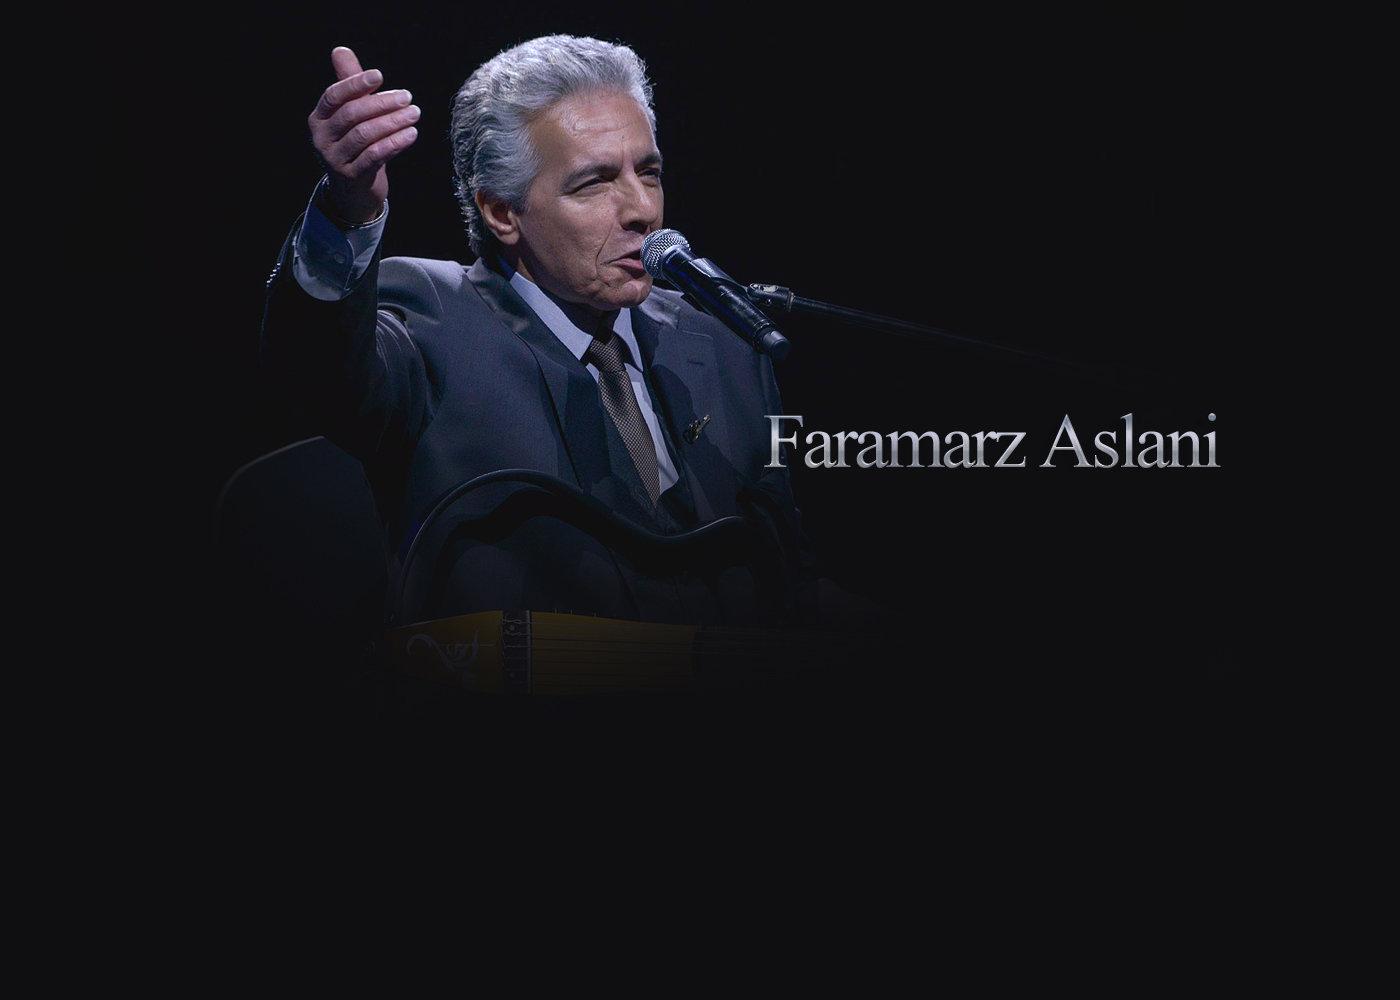 متن آهنگ یه دیواره از فرامرز اصلانی (Ye Divar| Faramarz Aslani)